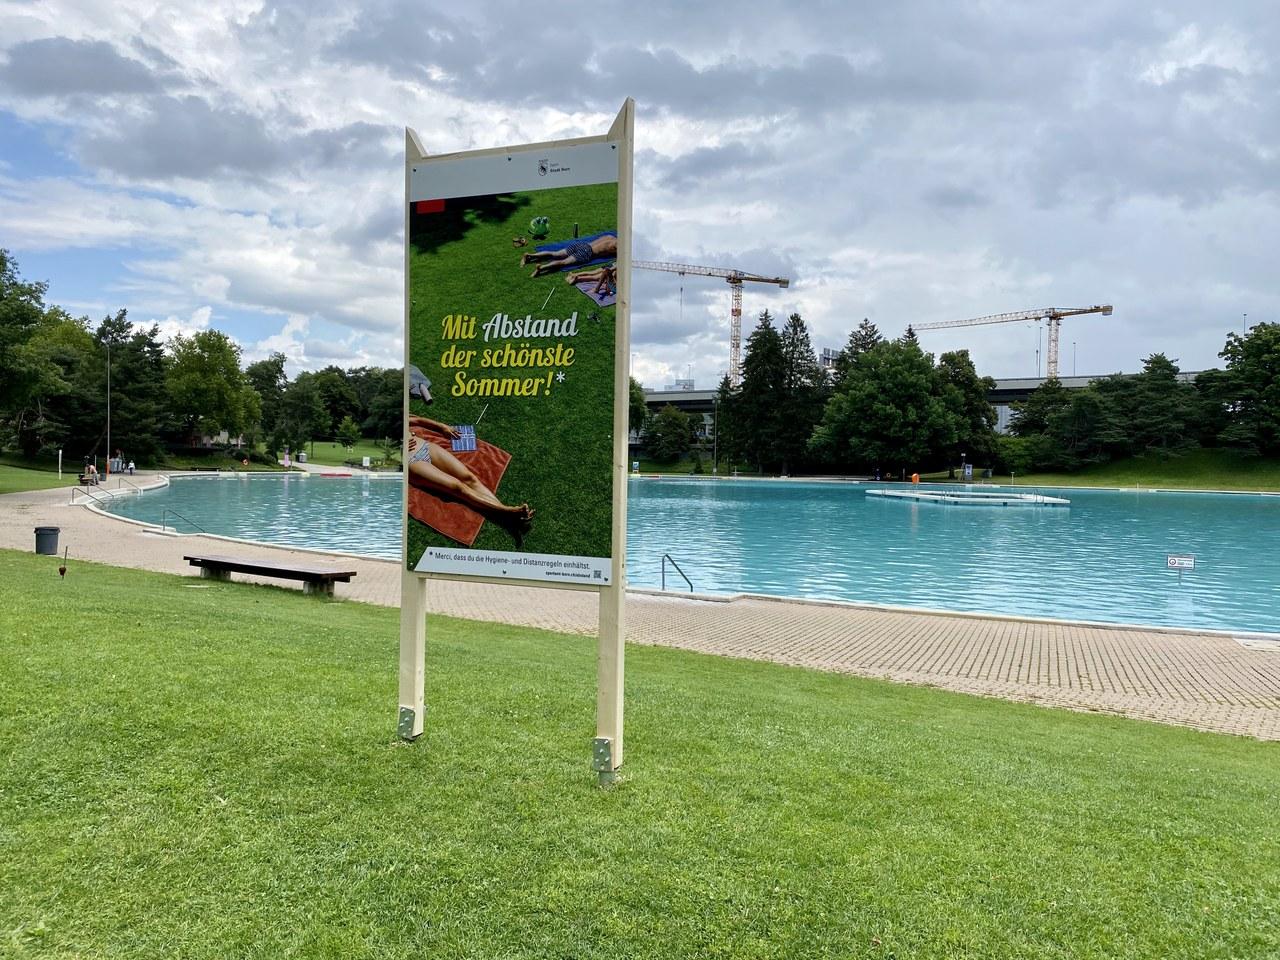 Sensibilisierung Abstände in Badis. Bild: Triebhaus Kommunikation.